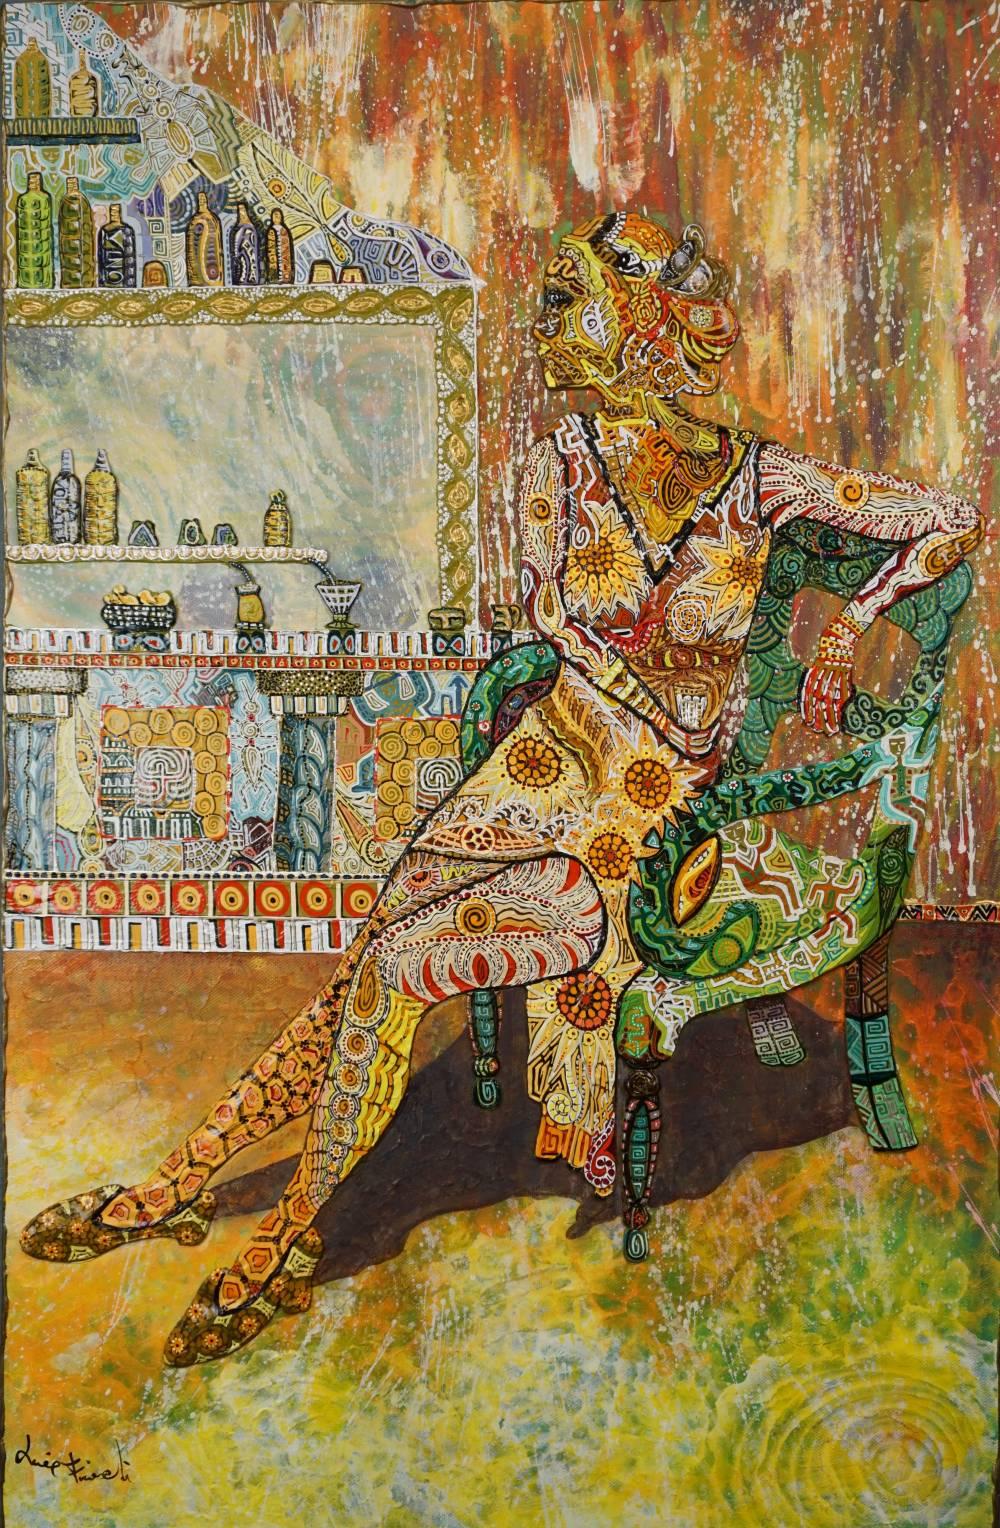 OMBRA GIALLA AL BAR - quadro - anno 2017 - 59 cm x 91 cm h - acrilico su tela - figura seduta con bancone di bar in rilievo -